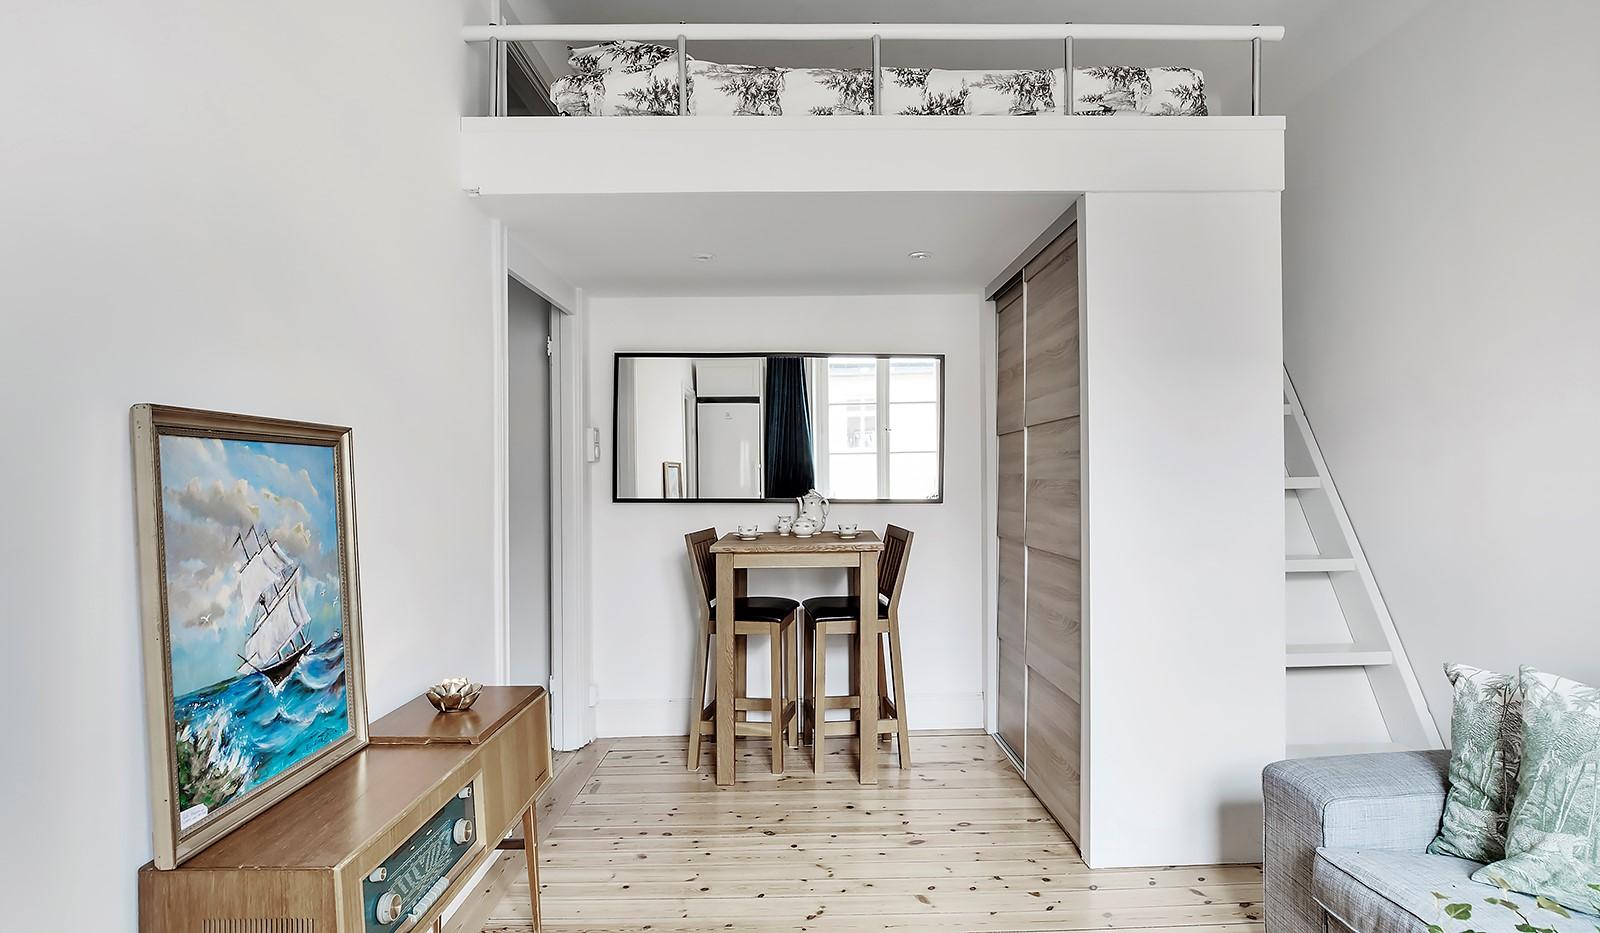 Högalidsgatan 36C, 3tr, ö.g. - Sovloftet frigör golvyta och erbjuder förvaring under trappen